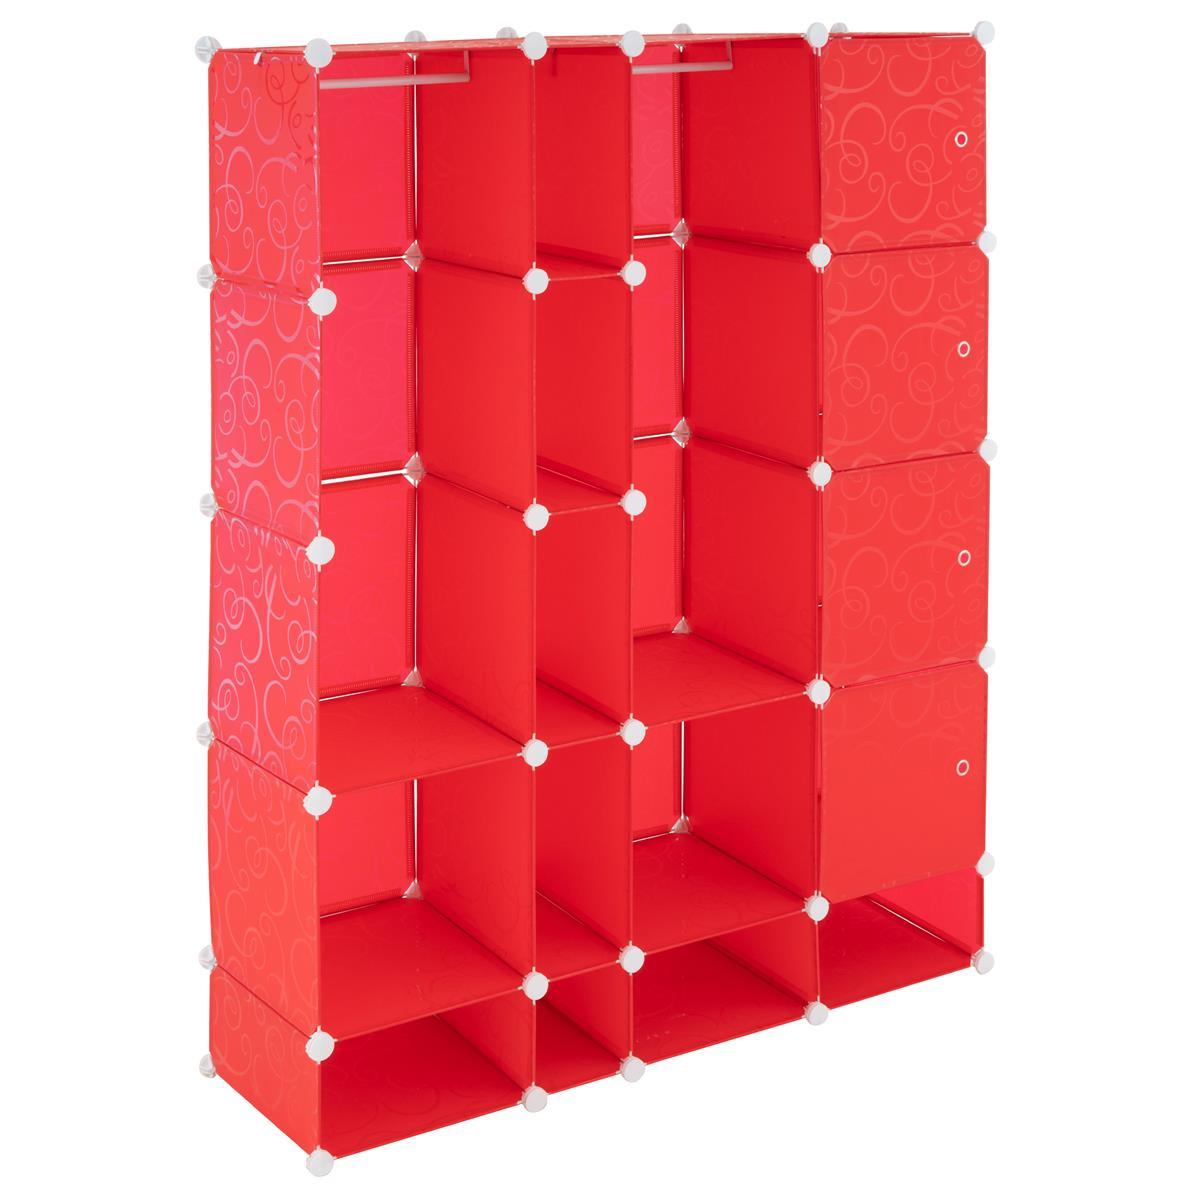 Kleiderschrank Garderobenschrank rot 161x127x37cm Steckregalsystem DIY